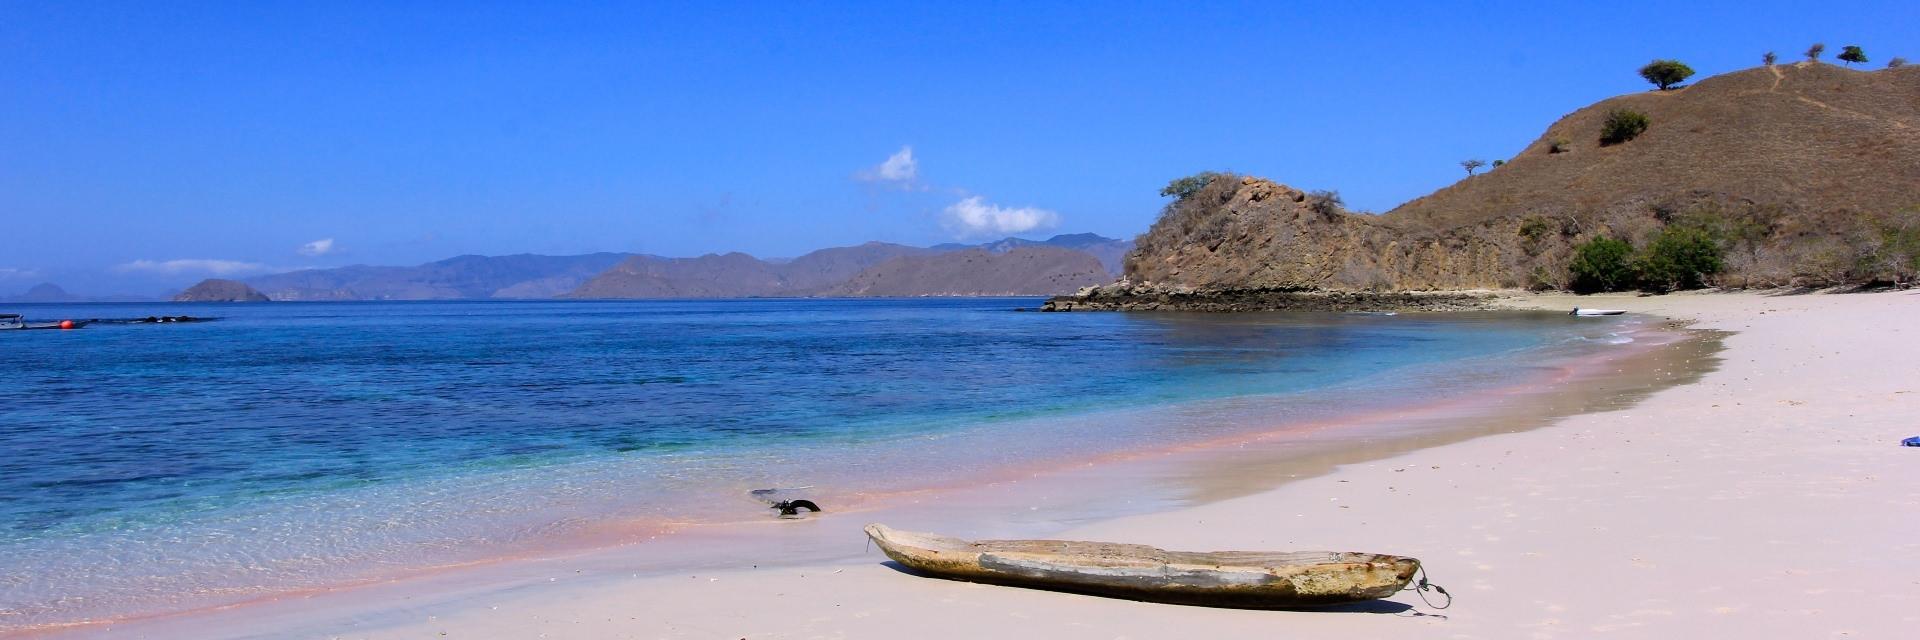 10 Tempat Wisata di Lombok yang Masih Belum Terekspose 10 Tempat Wisata di Lombok yang Masih Belum Terekspose - Dolan Dolen